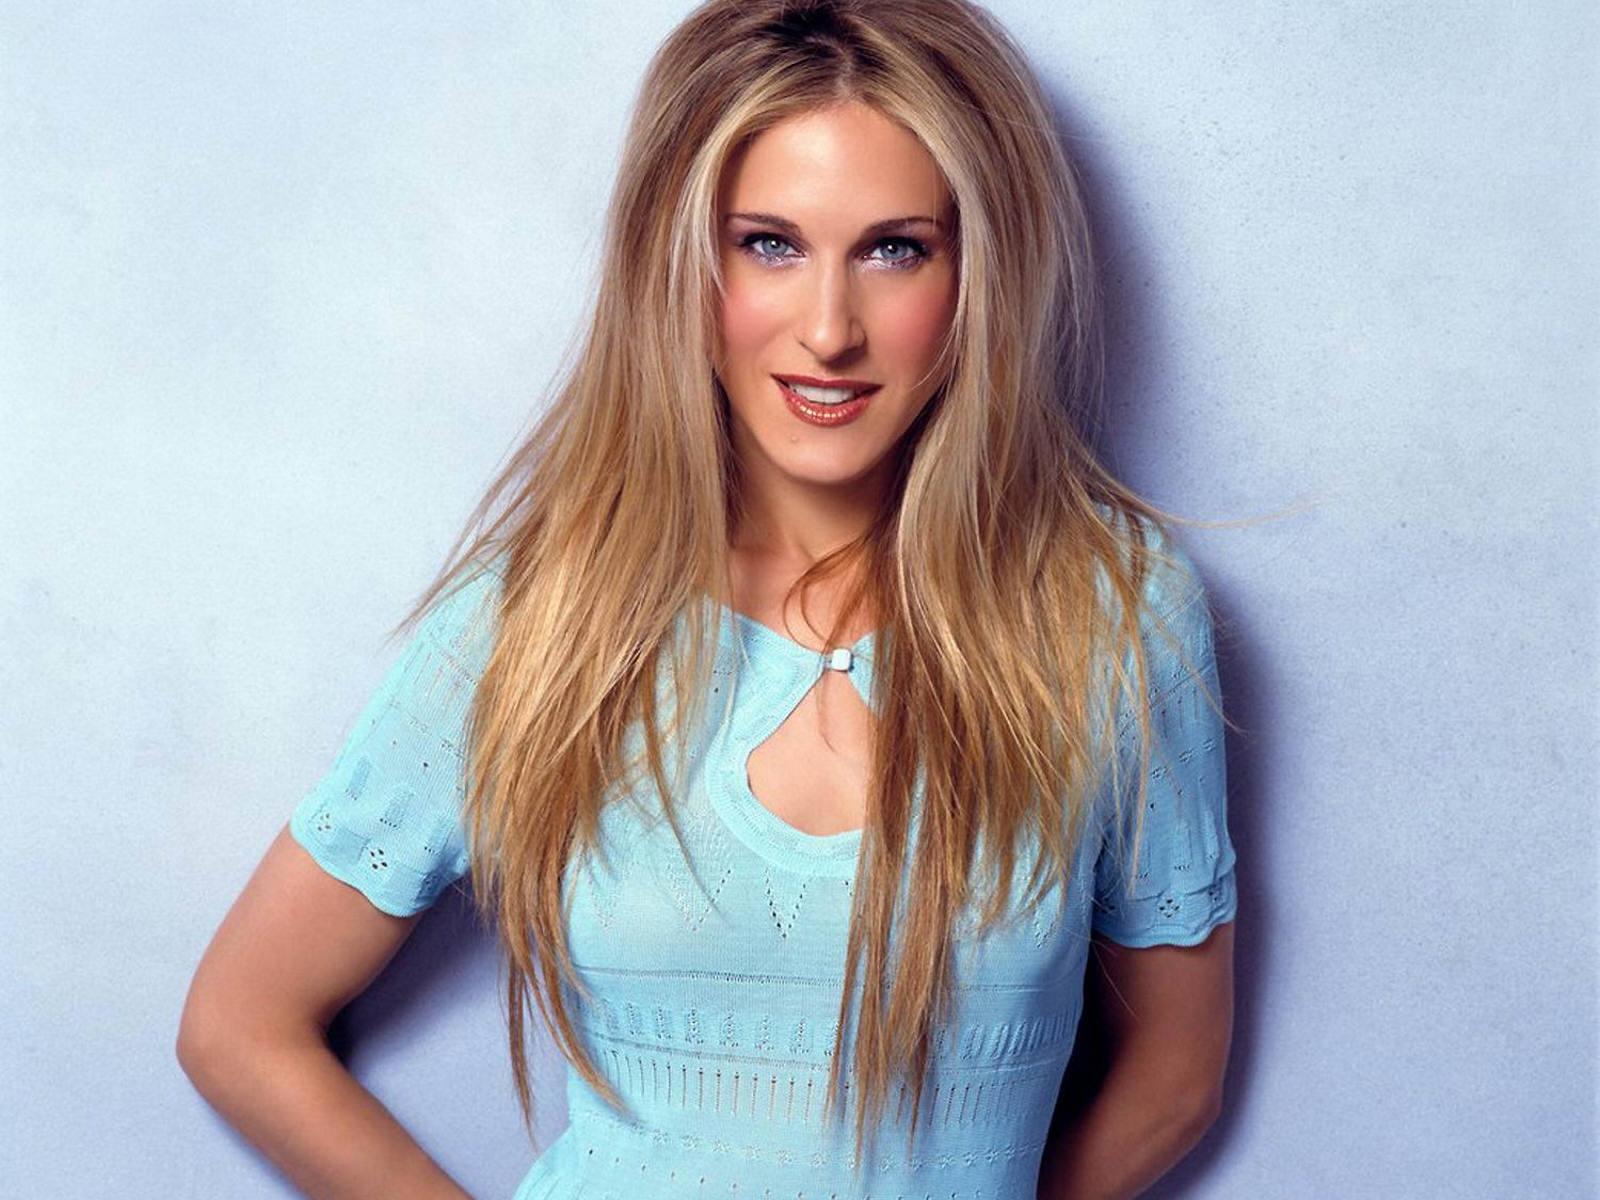 http://4.bp.blogspot.com/-93WgrIoz_Y0/TtT5r7G6drI/AAAAAAAAJtc/CQl_j65jtpA/s1600/Sarah_Jessica_Parker_wallpapers_beautiful_girl.jpg